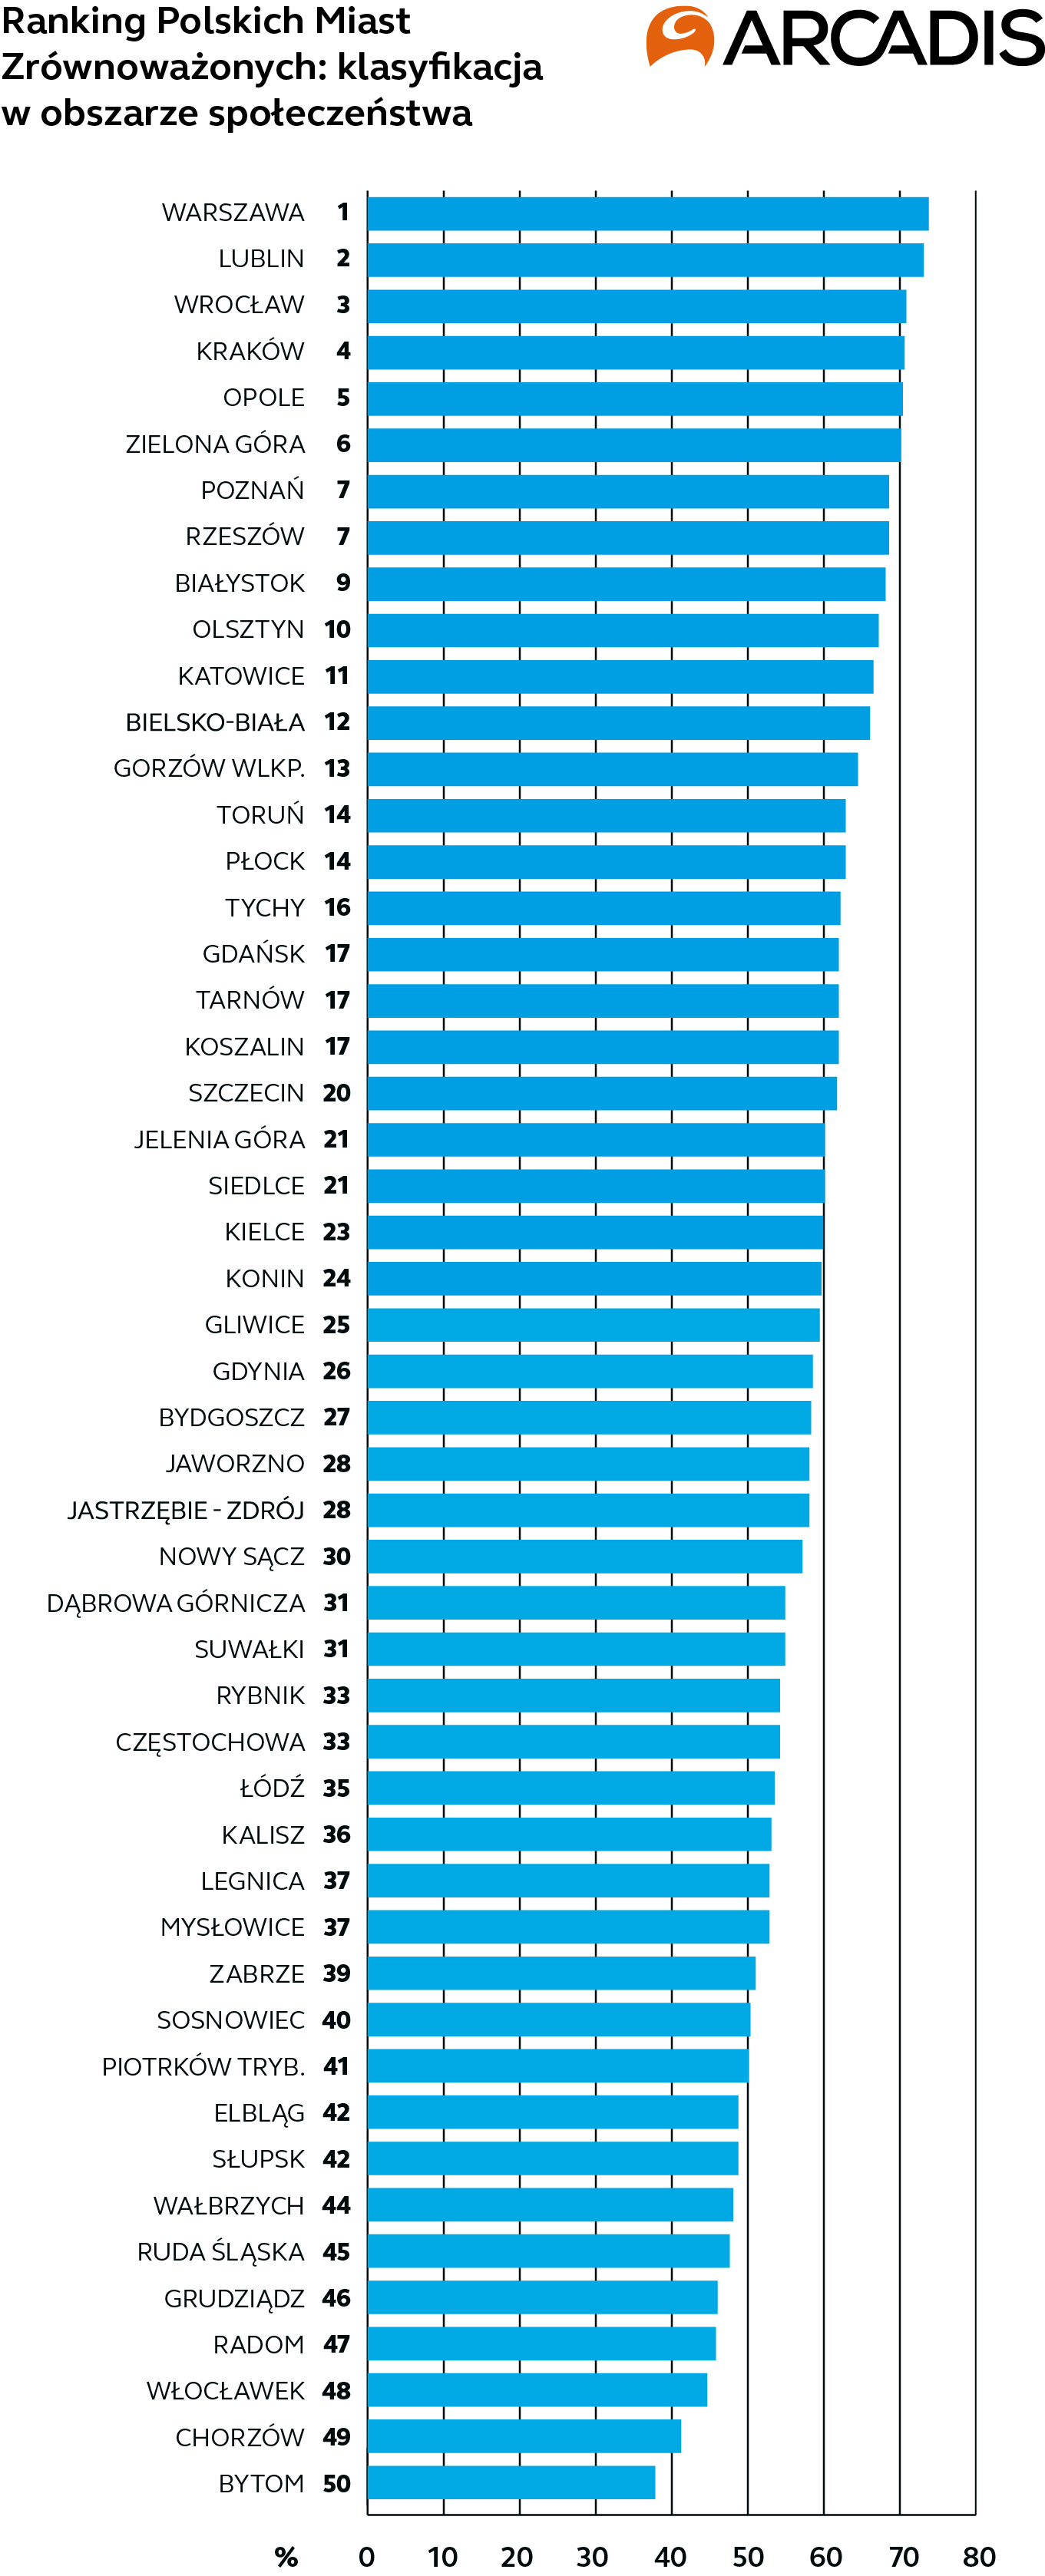 Ranking Polskich Miast Zrównoważonych Arcadis - Społeczeństwo